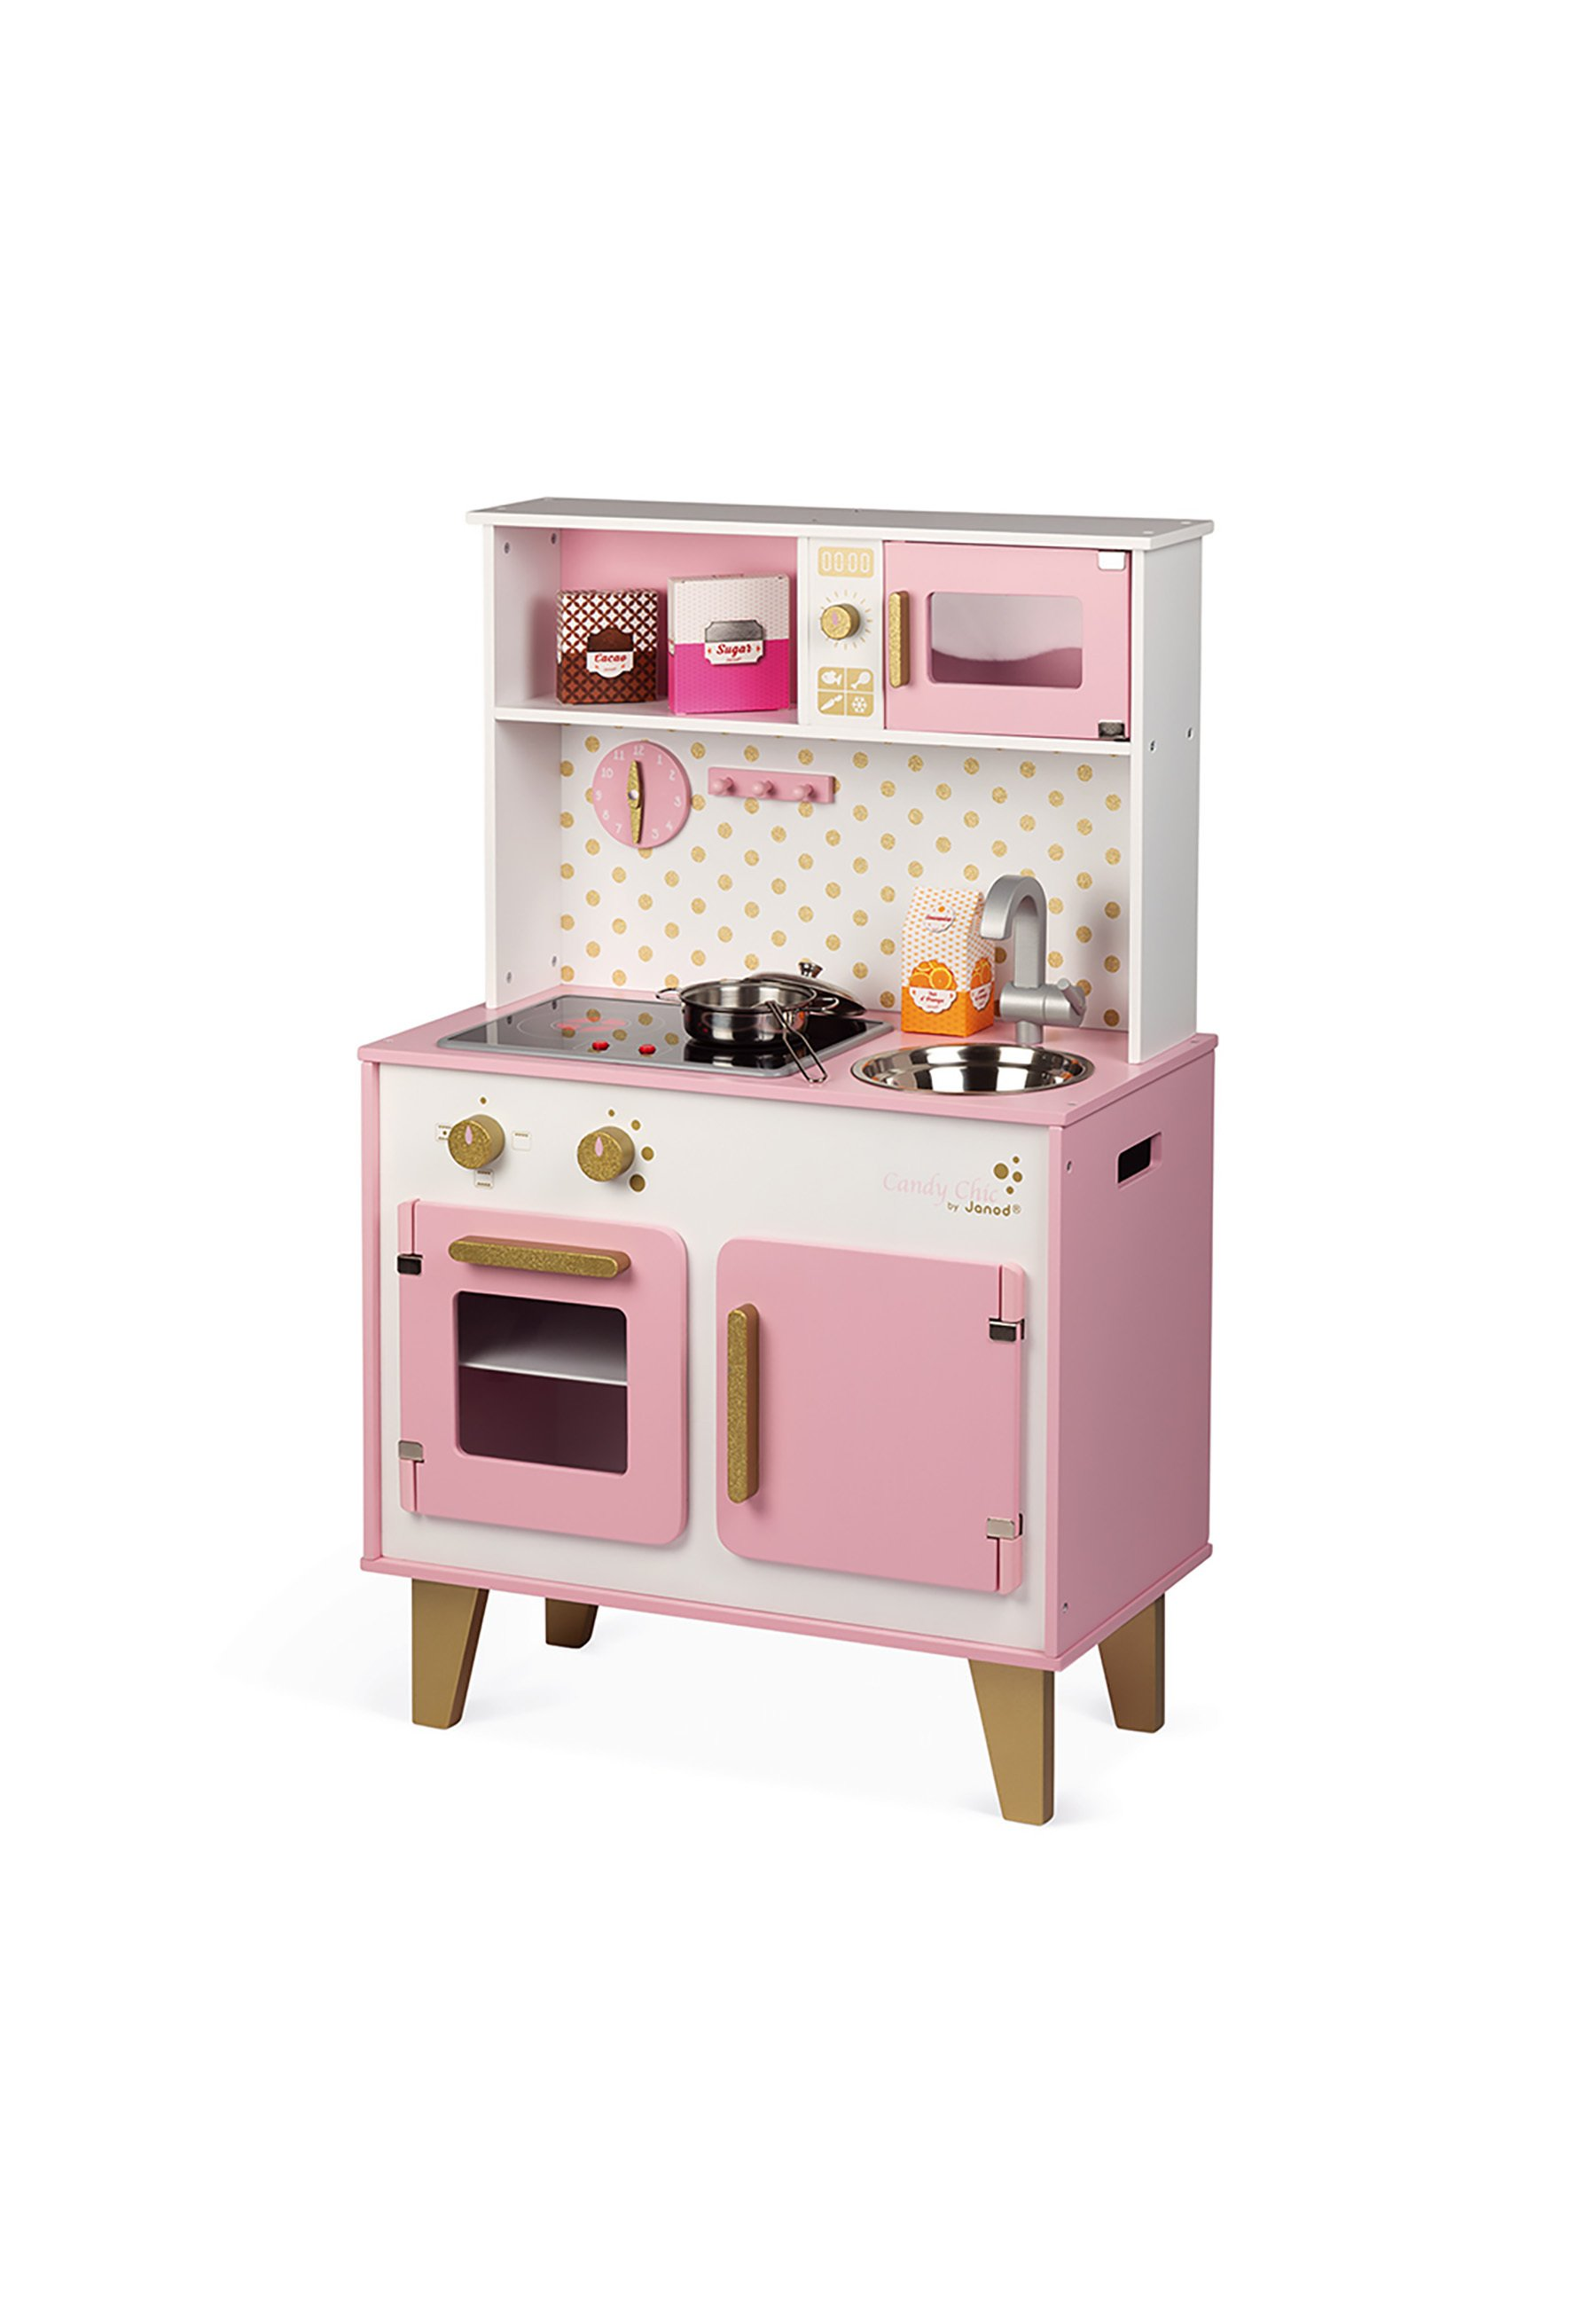 Kinder KÜCHE CANDY CHIC  - Mini-Küche